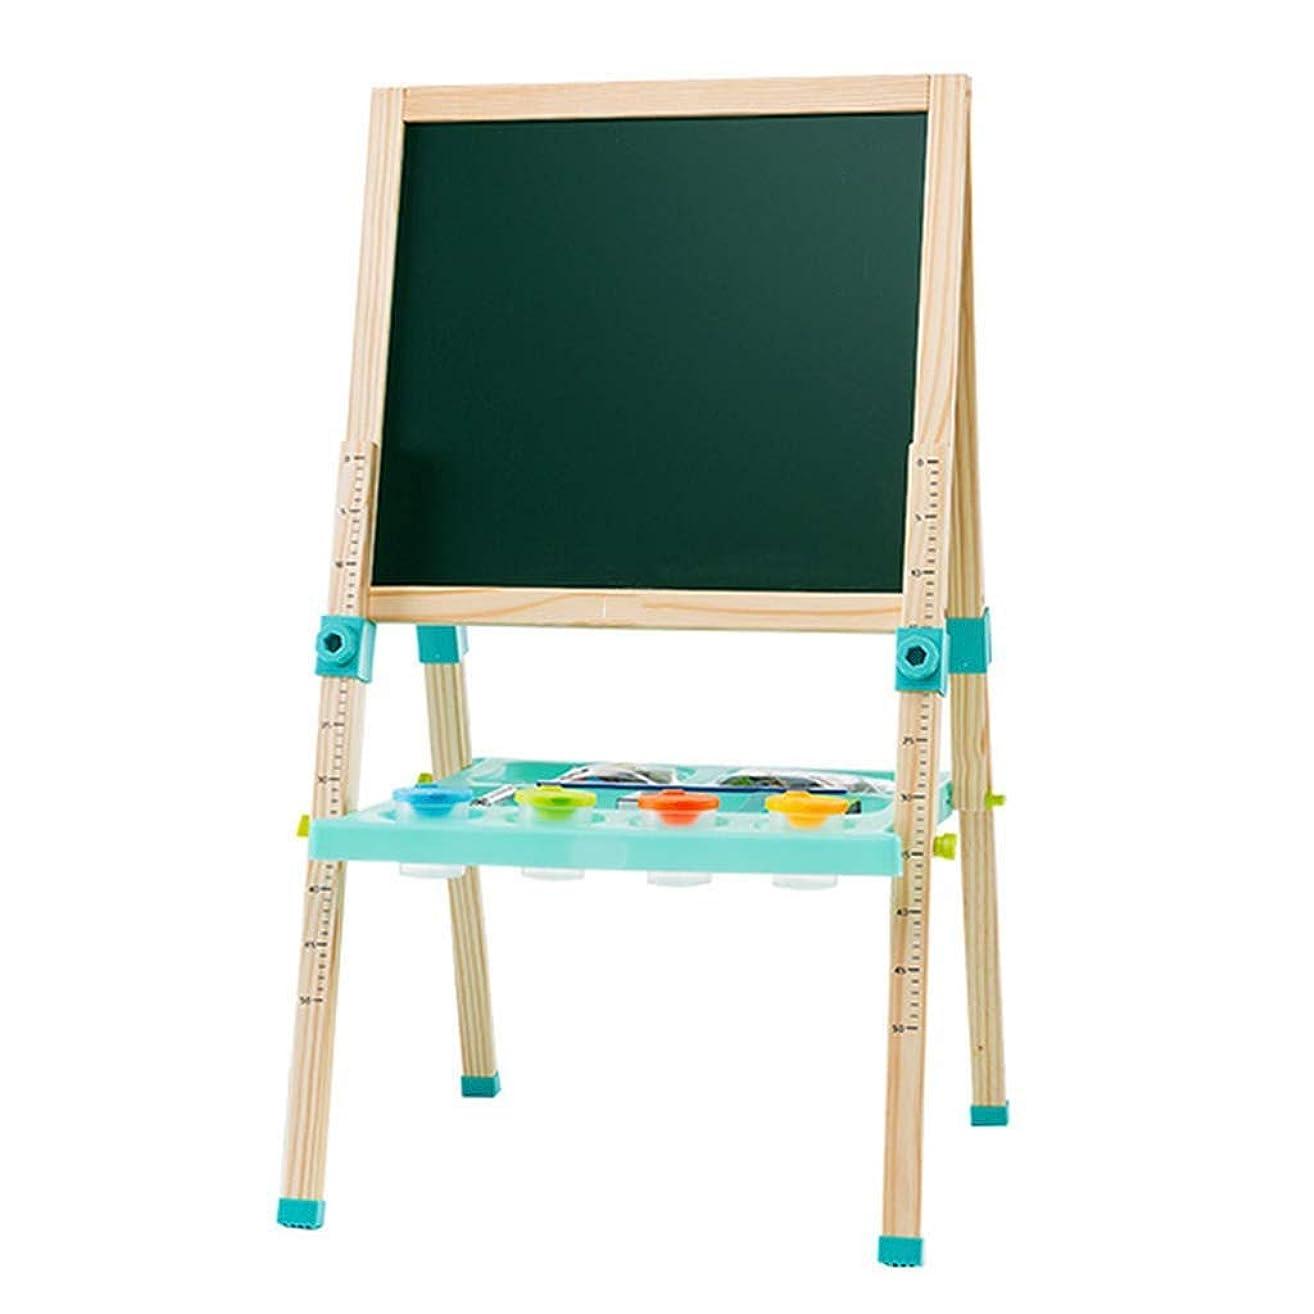 バラ色望みピアニストKJRJHJ 子供木製イーゼル調整可能な高さ磁気両面キッズアートイーゼルドライイーゼル製図ボード用2-8年幼児子供絵画